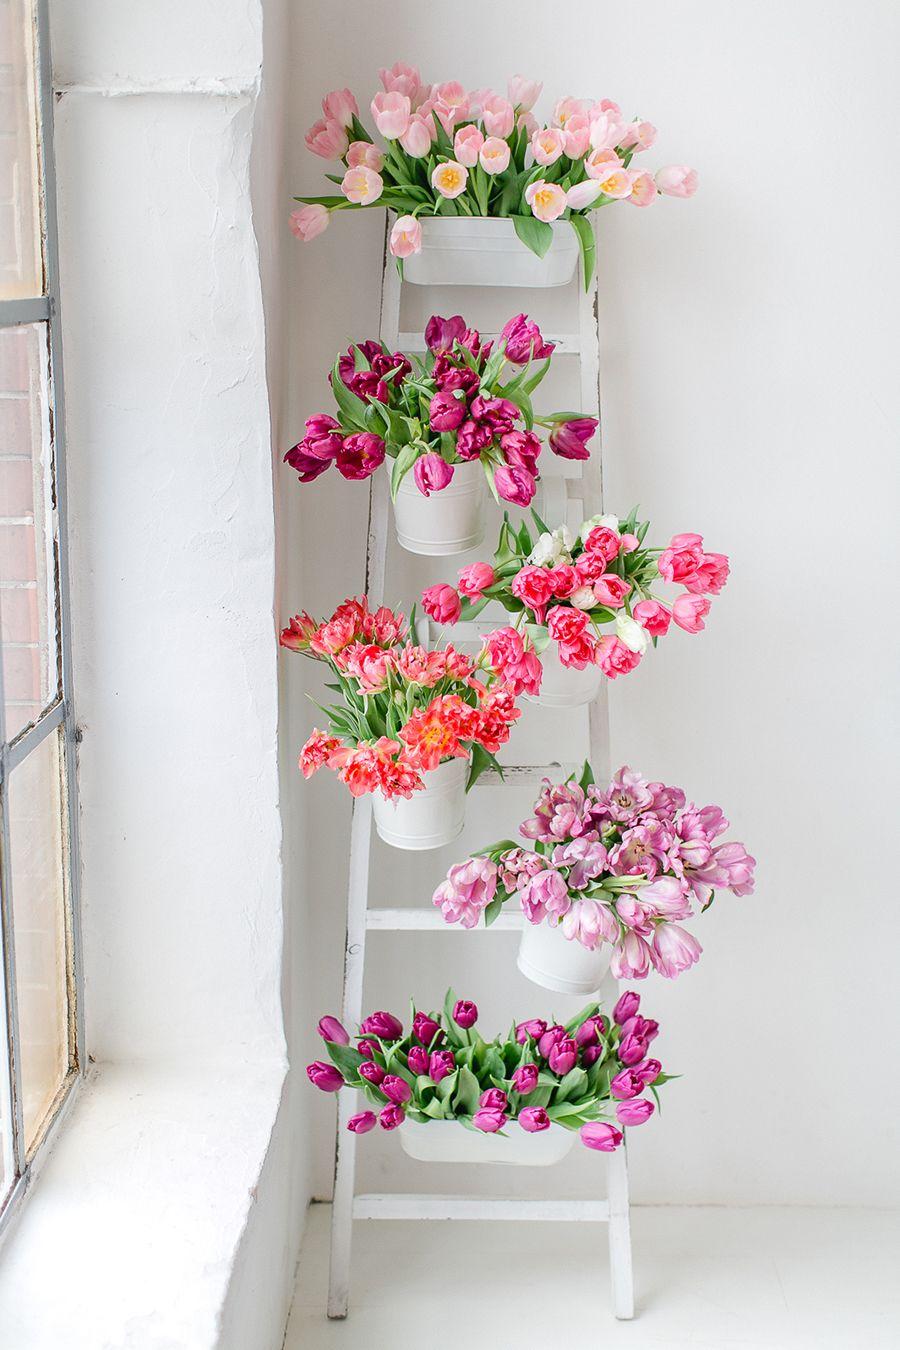 Blume Des Monats Marz Tulpe Flowers Blumen Tulpen Fotografie